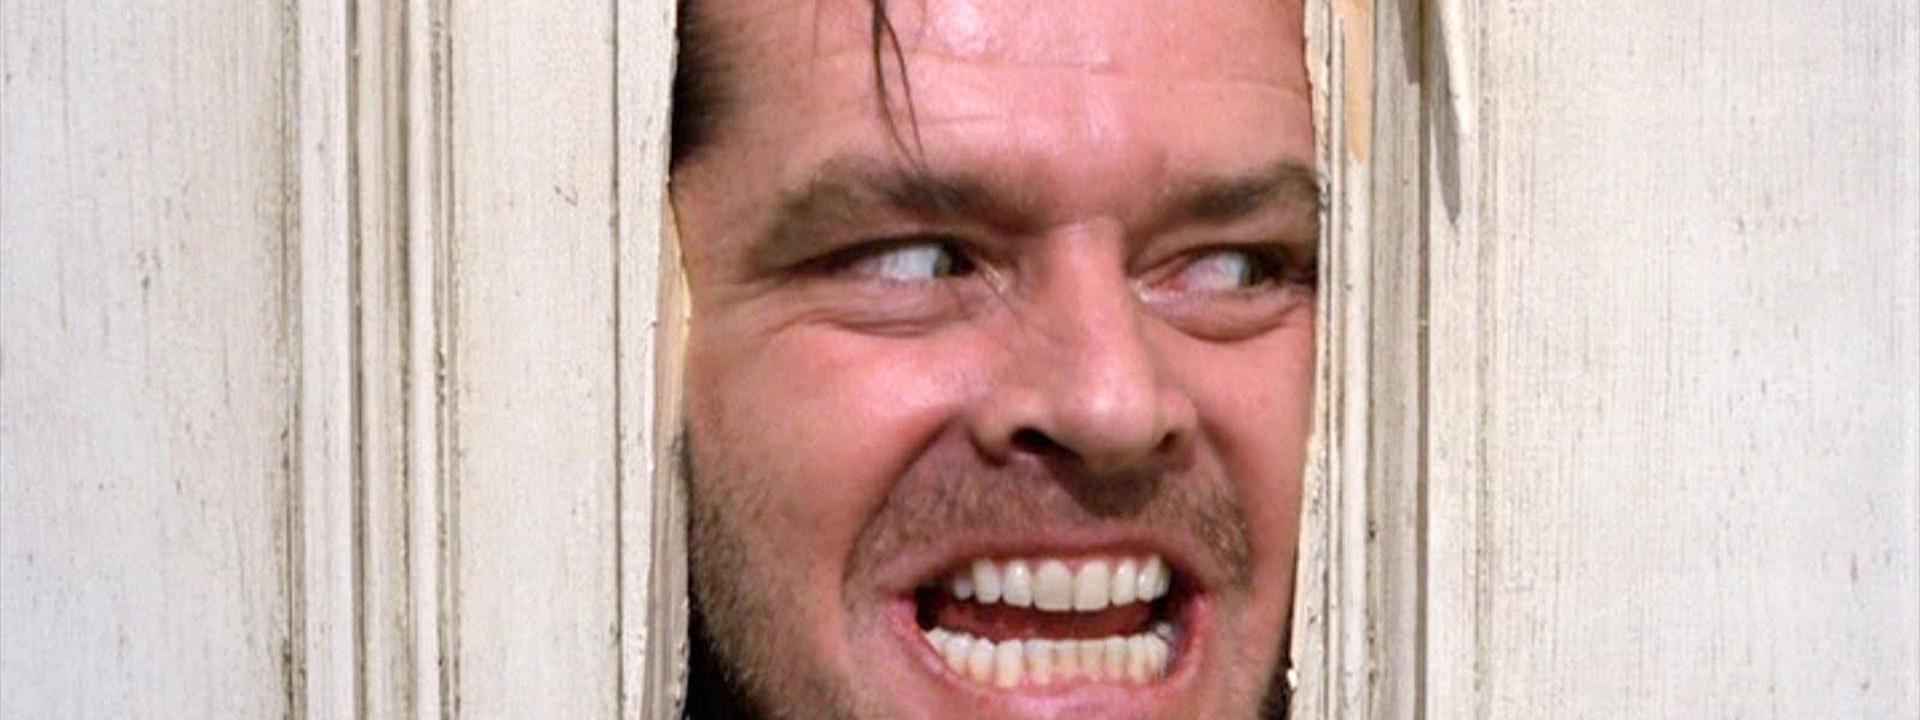 The Shining e lo scontro fra i titani King e Kubrick: meglio il romanzo o il film?